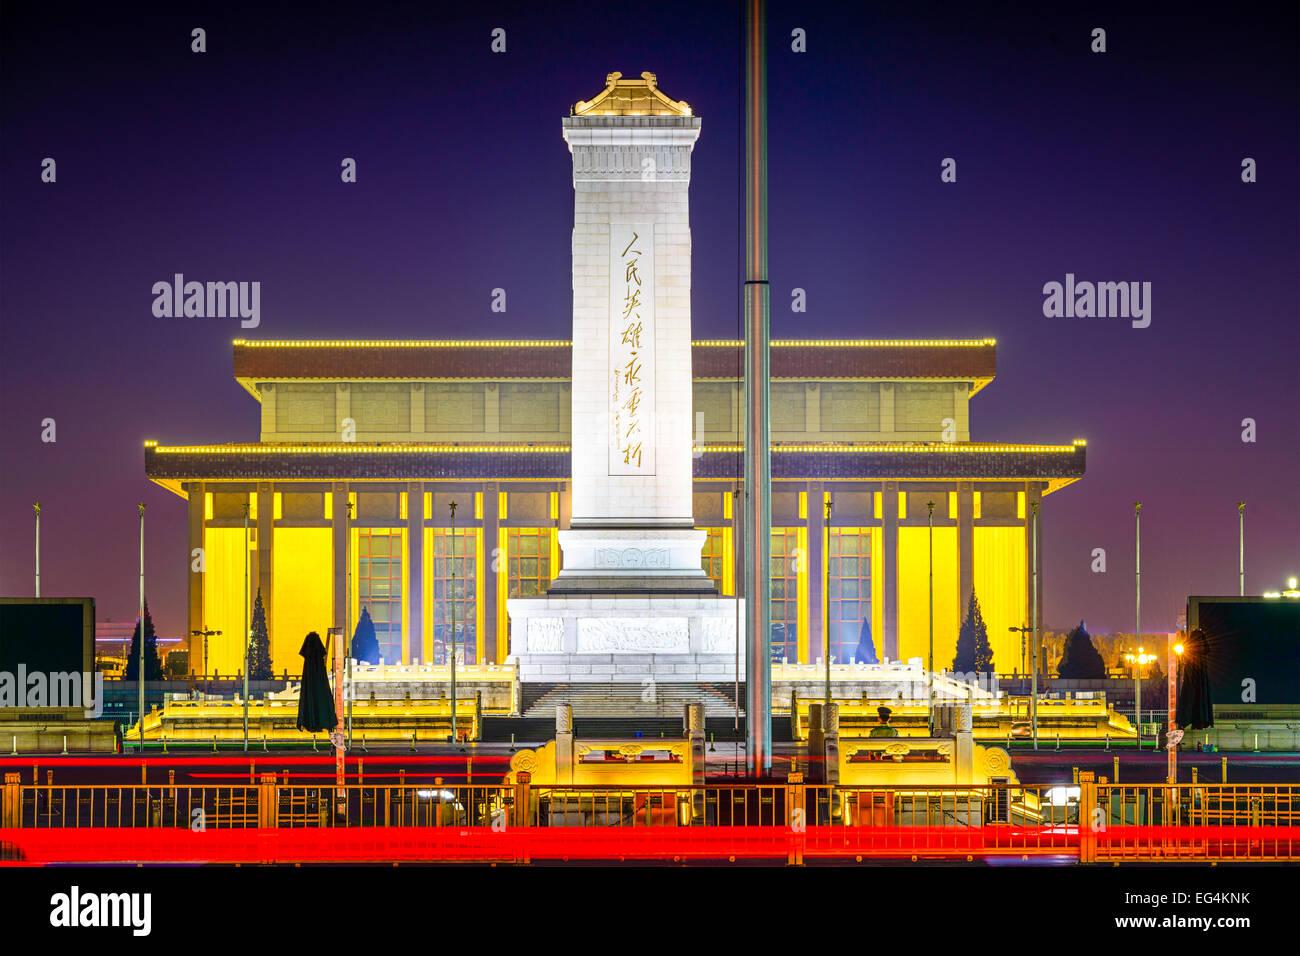 Beijing, China, en el Monumento a los héroes del pueblo en la Plaza Tiananmen de noche. Imagen De Stock